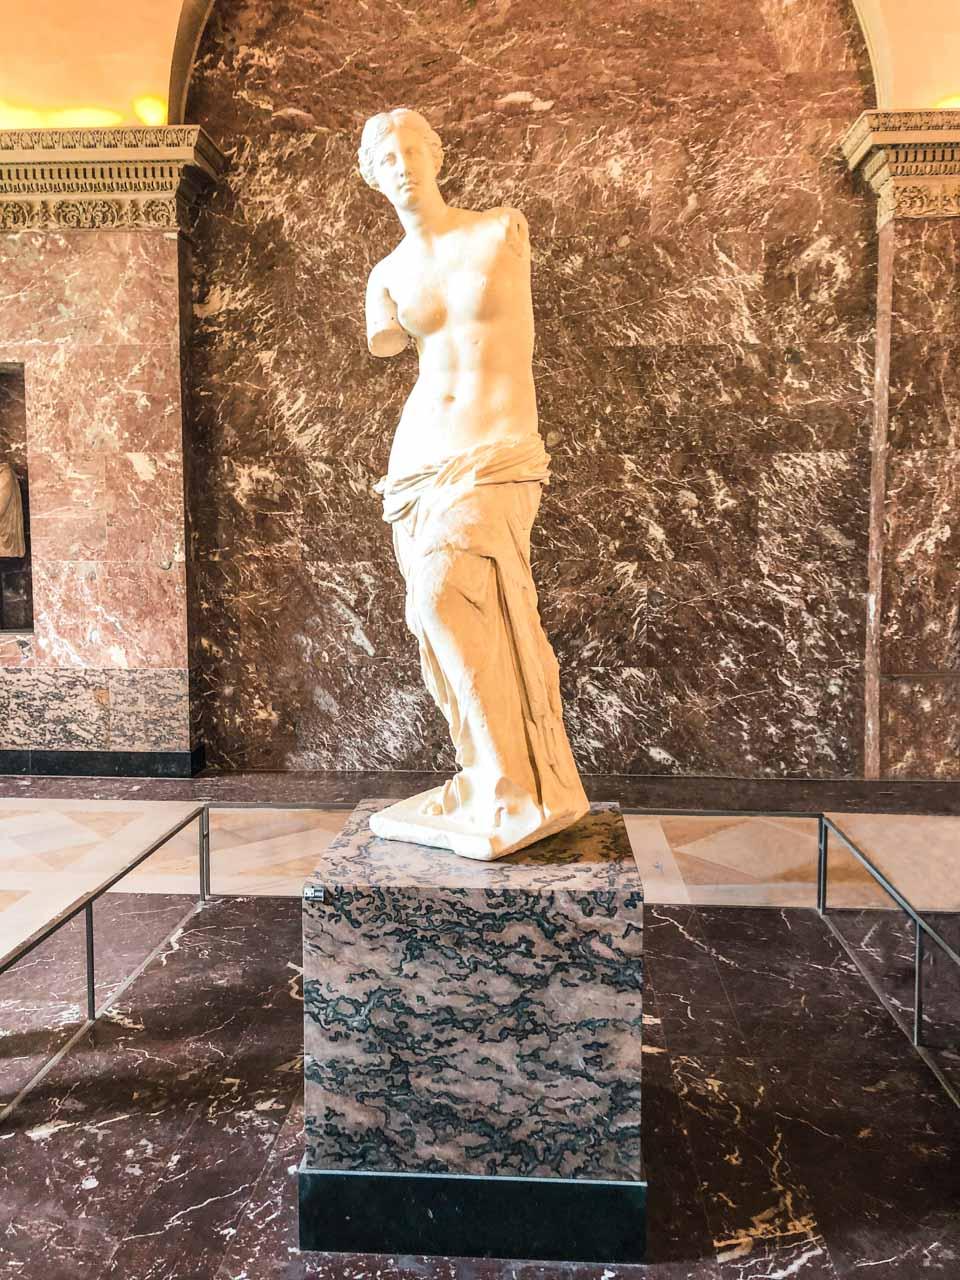 The Venus de Milo at the Louvre Museum in Paris, France